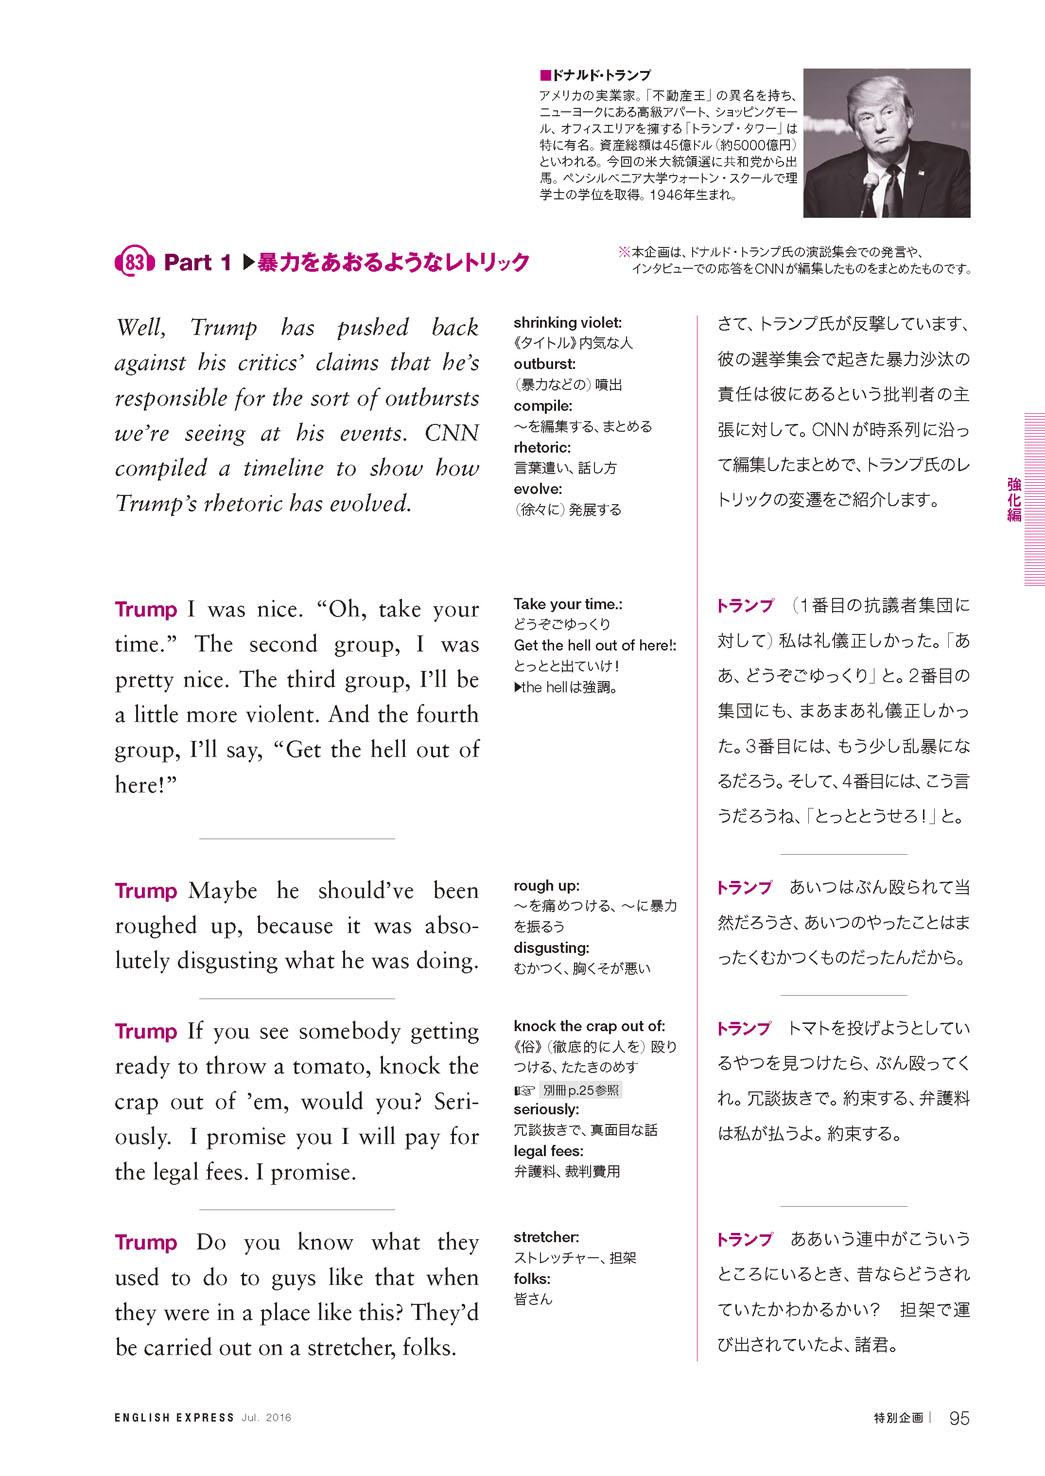 """◆特別企画#br#ドナルド・トランプ、驚愕の過激演説集#br#》》音声試聴は<a href=""""mms://016.mediaimage.jp/asahipress/ee1607c.wma"""" class=""""txt1158b0"""">こちら</a>をクリック!"""